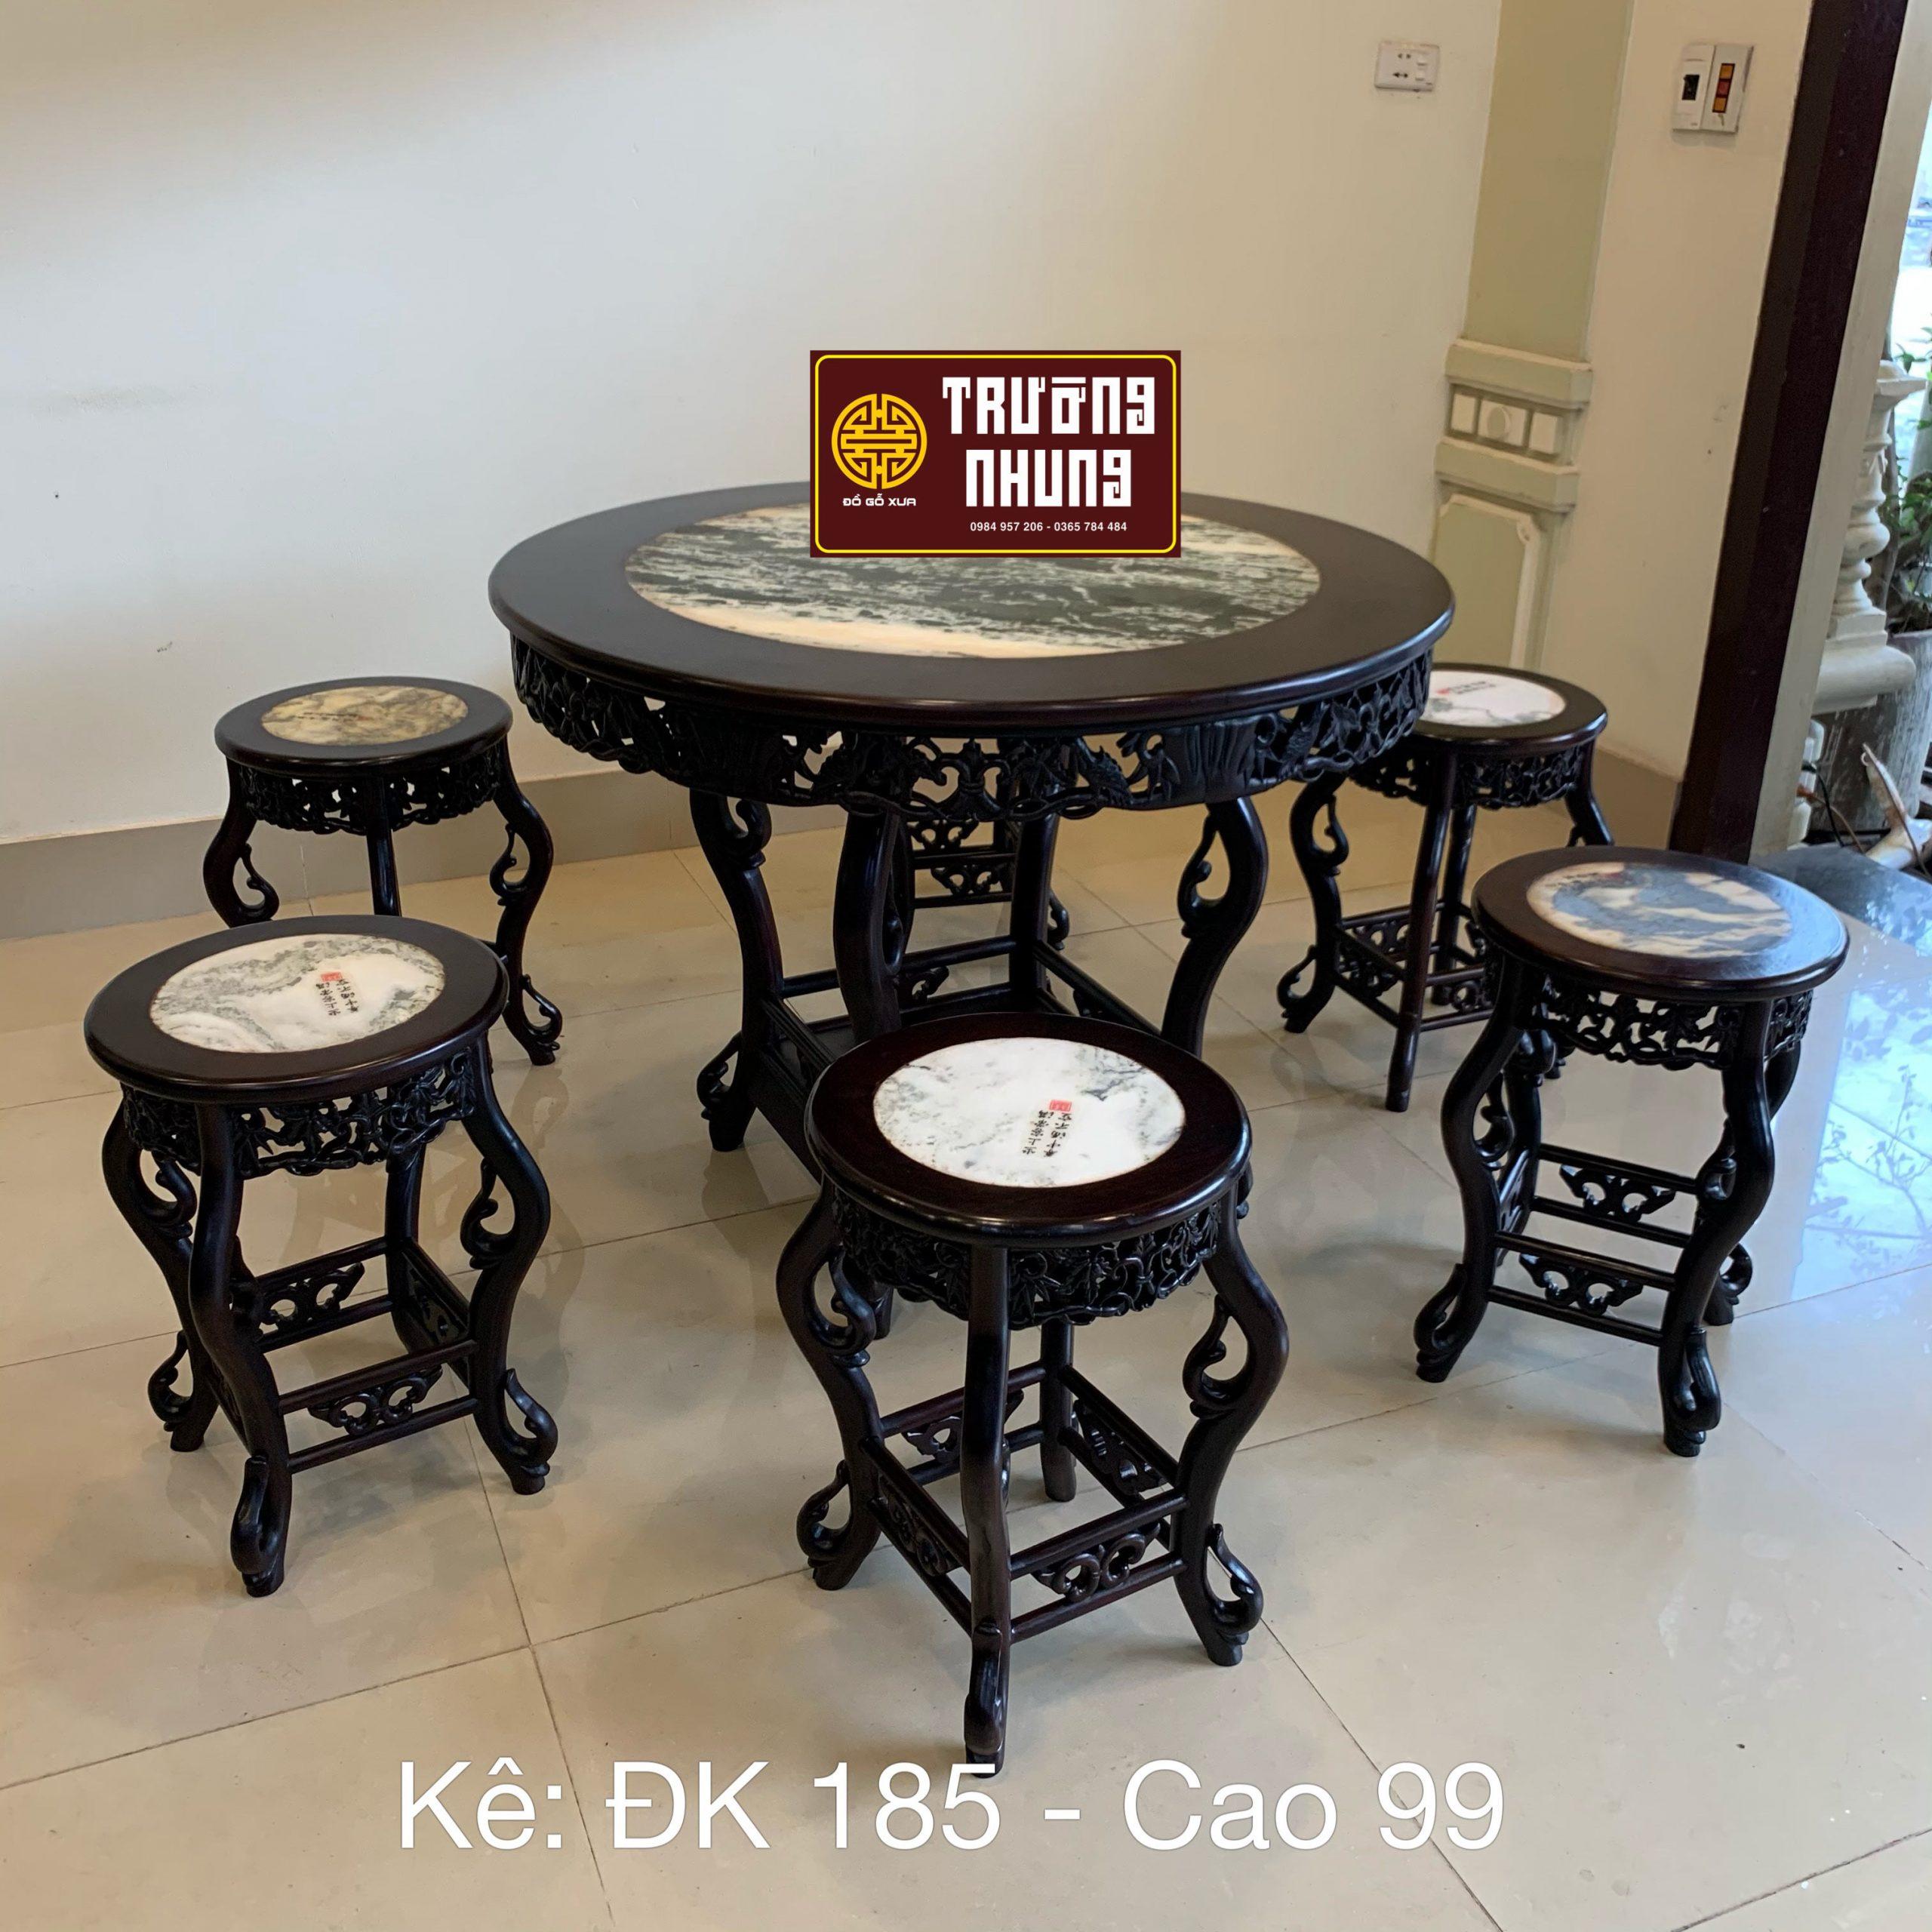 bộ - bàn - ghế = ăn - chạm - trúc - nho - bộ - ghế - ăn - nhỏ - gọn - nhất - ĐỒ - GỖ - CỔ - XƯA - TRƯỜNG - NHUNG